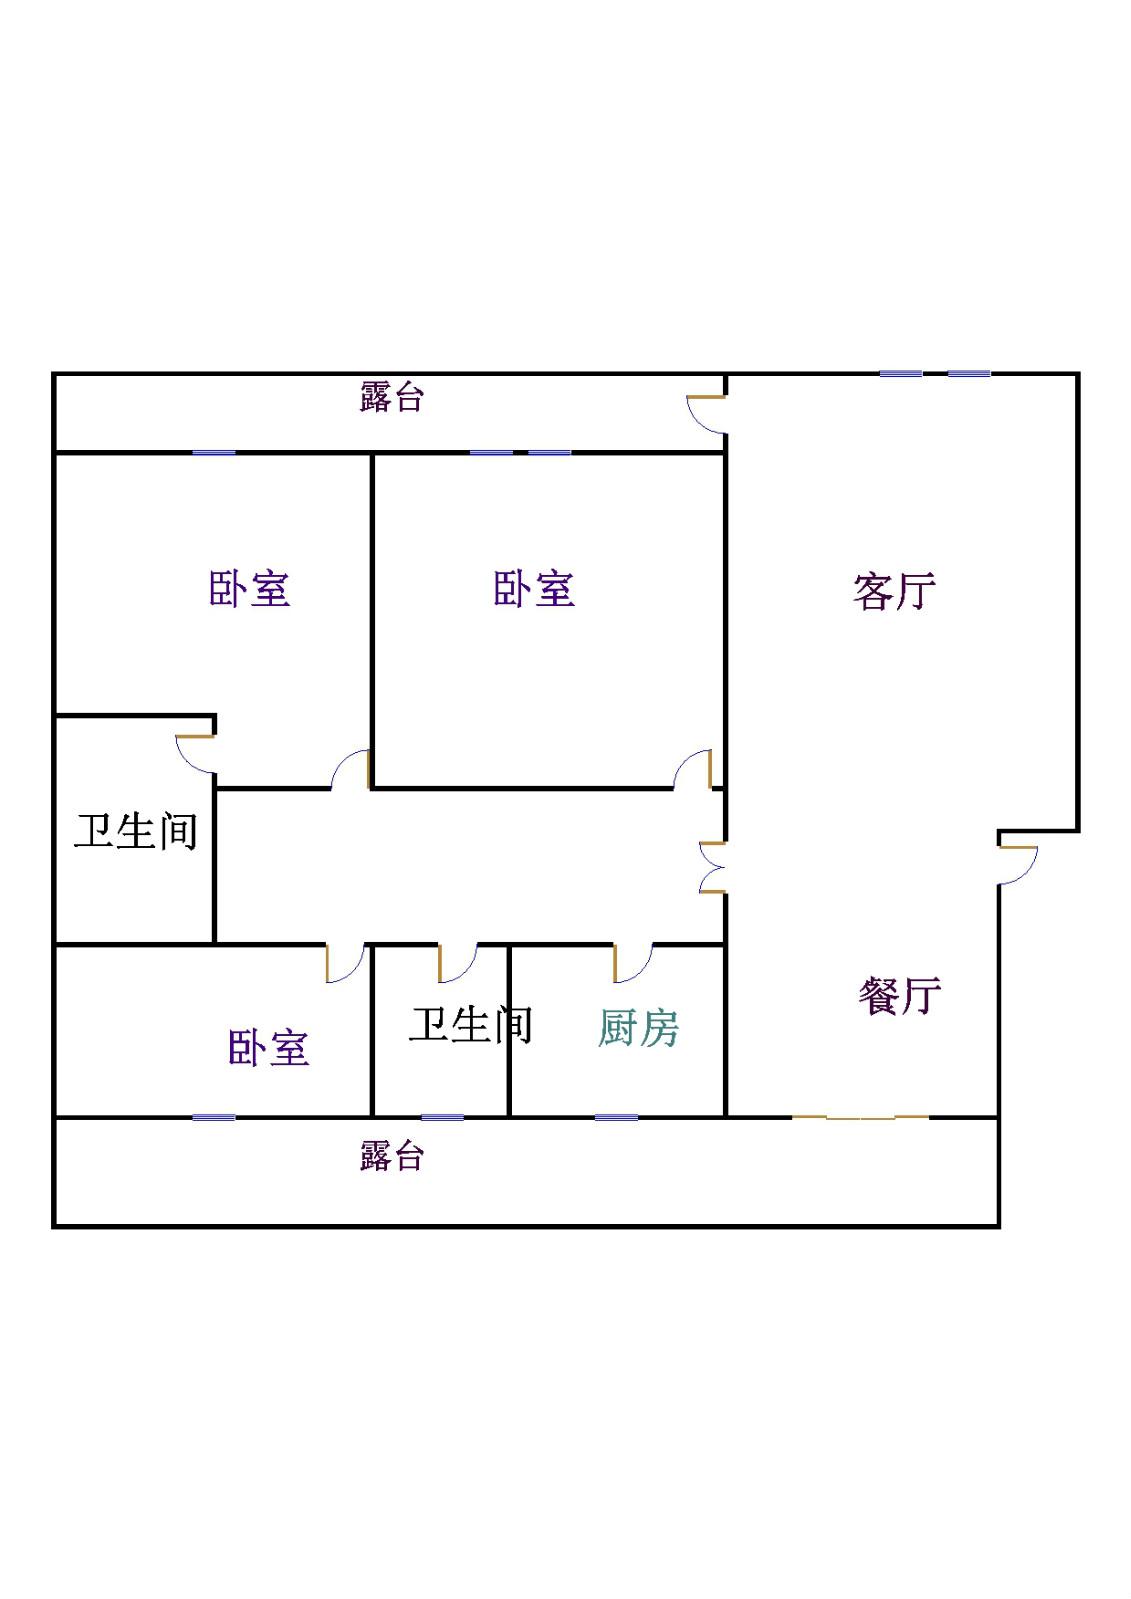 农科所宿舍 3室2厅 双证齐全 简装 75万